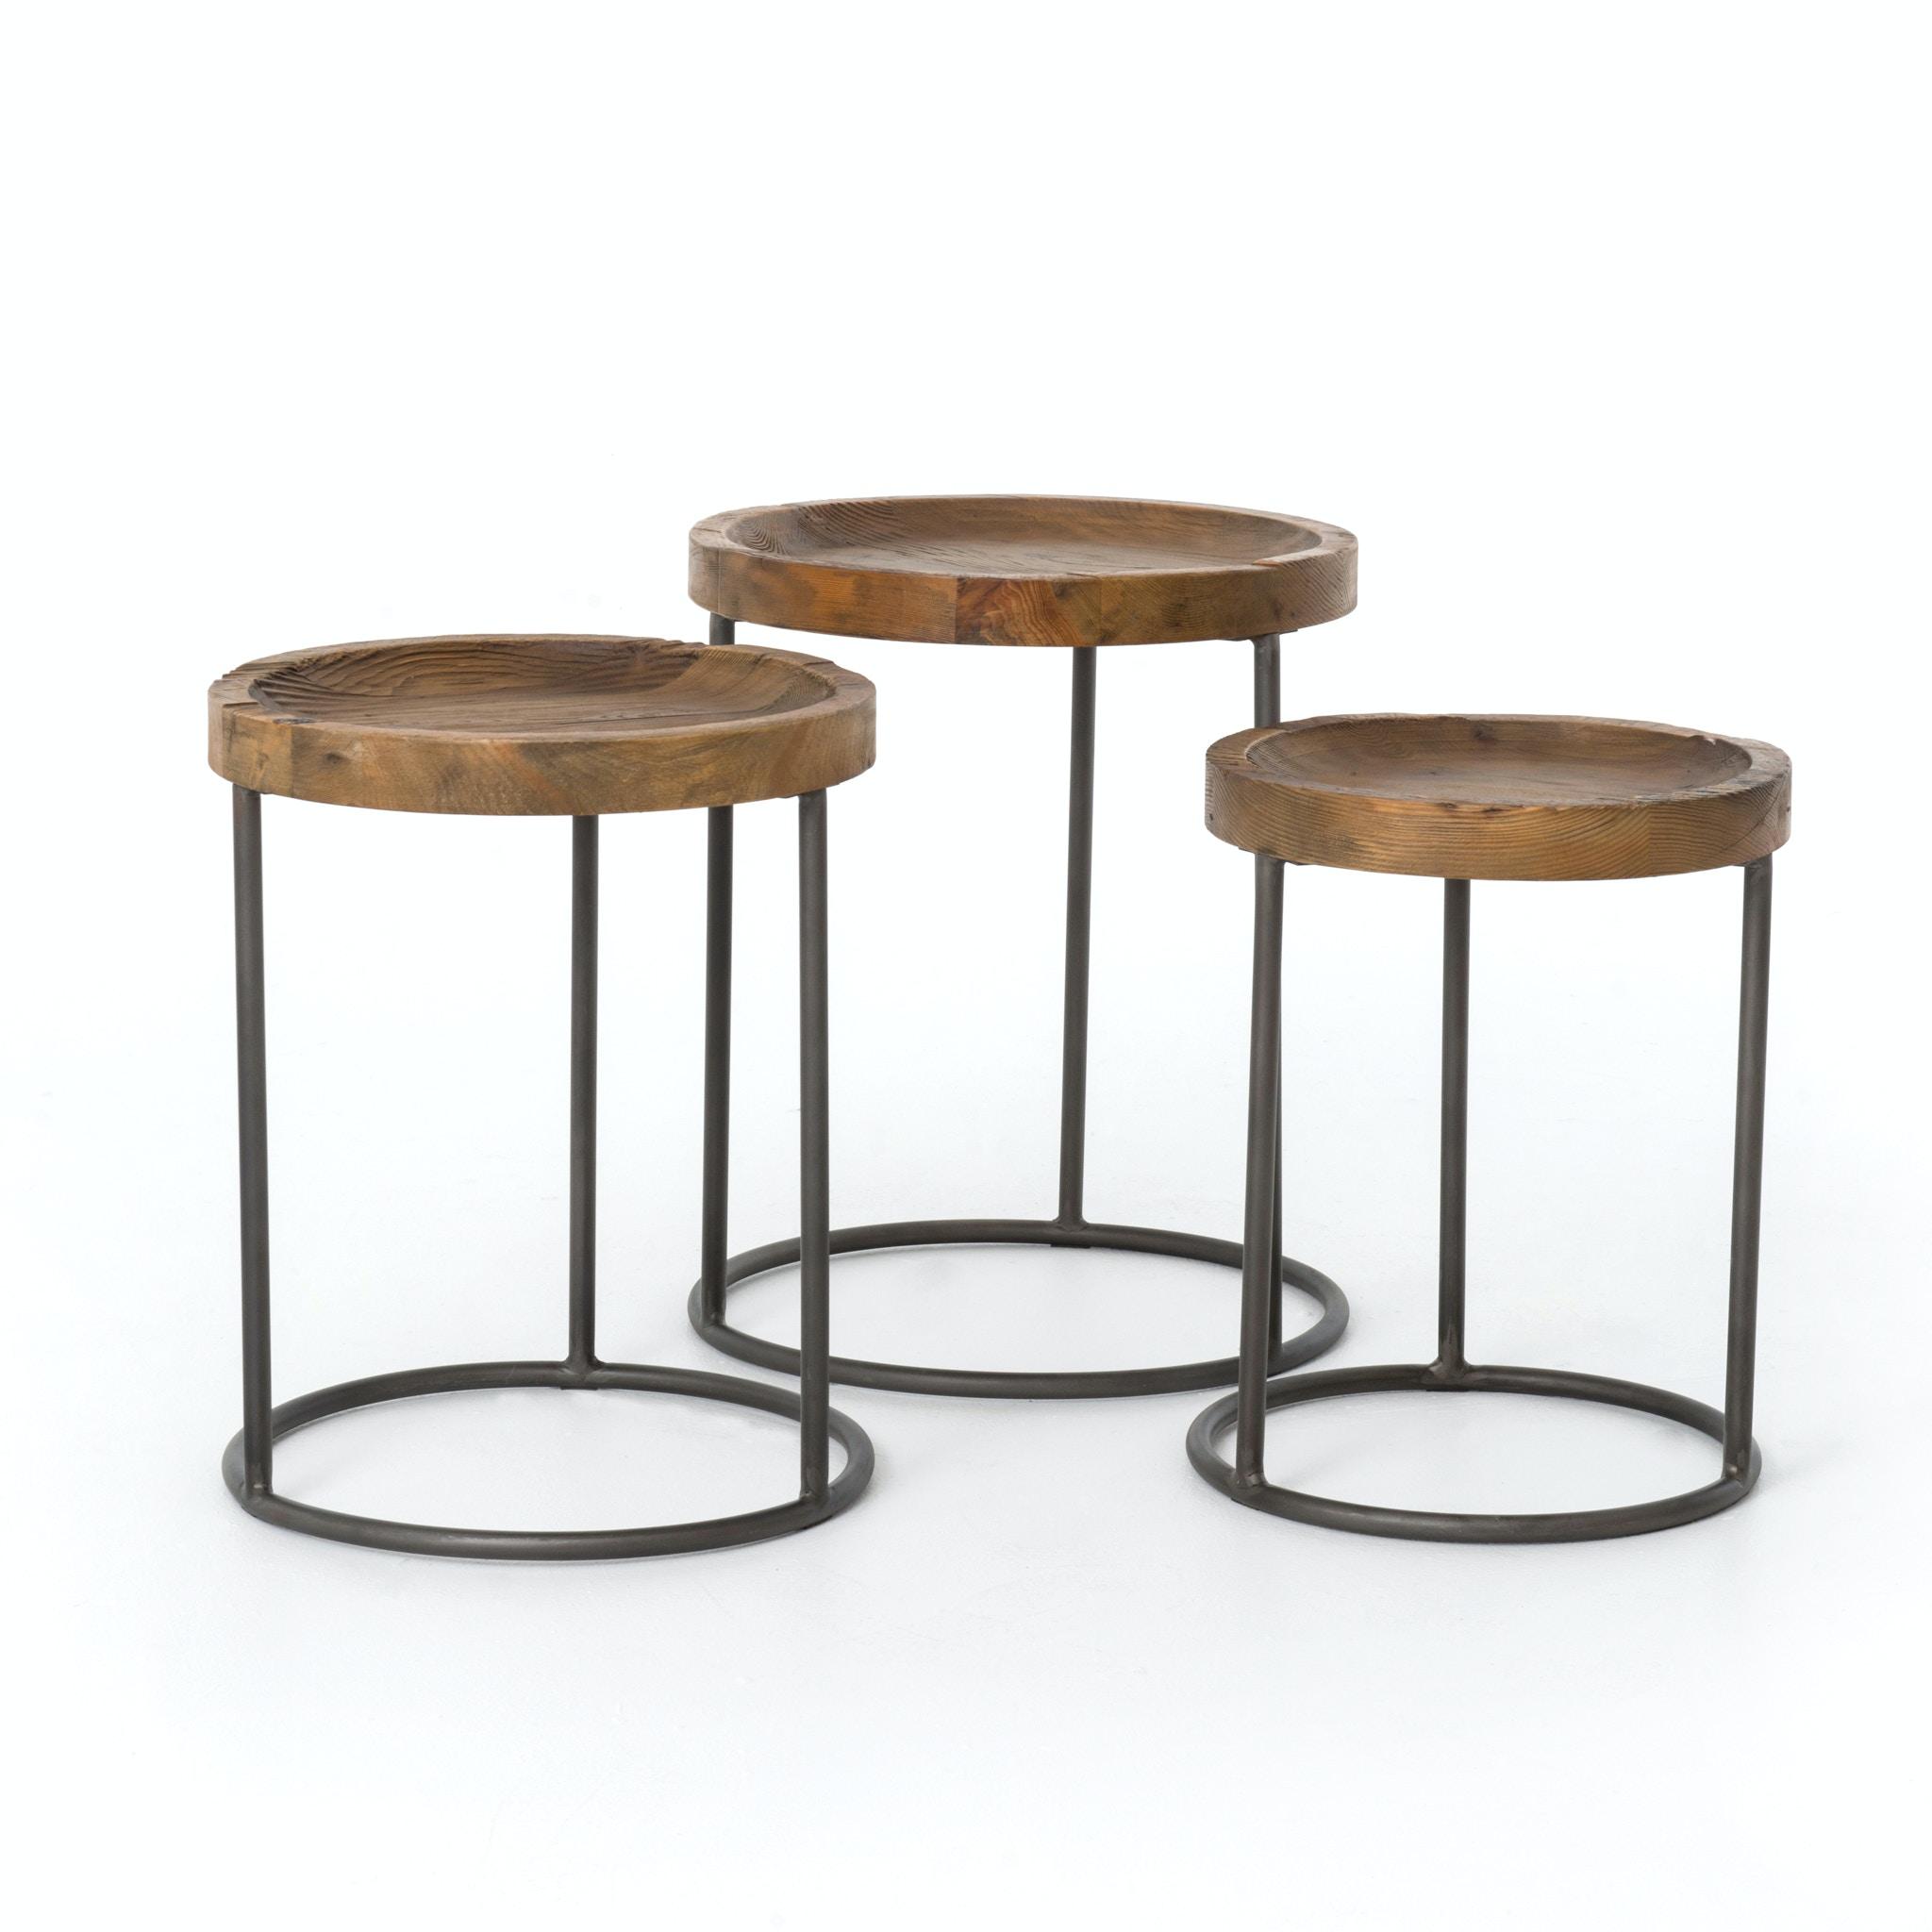 Four Hands Furniture CIMP6JBP Living Room Tristan Nesting Tables